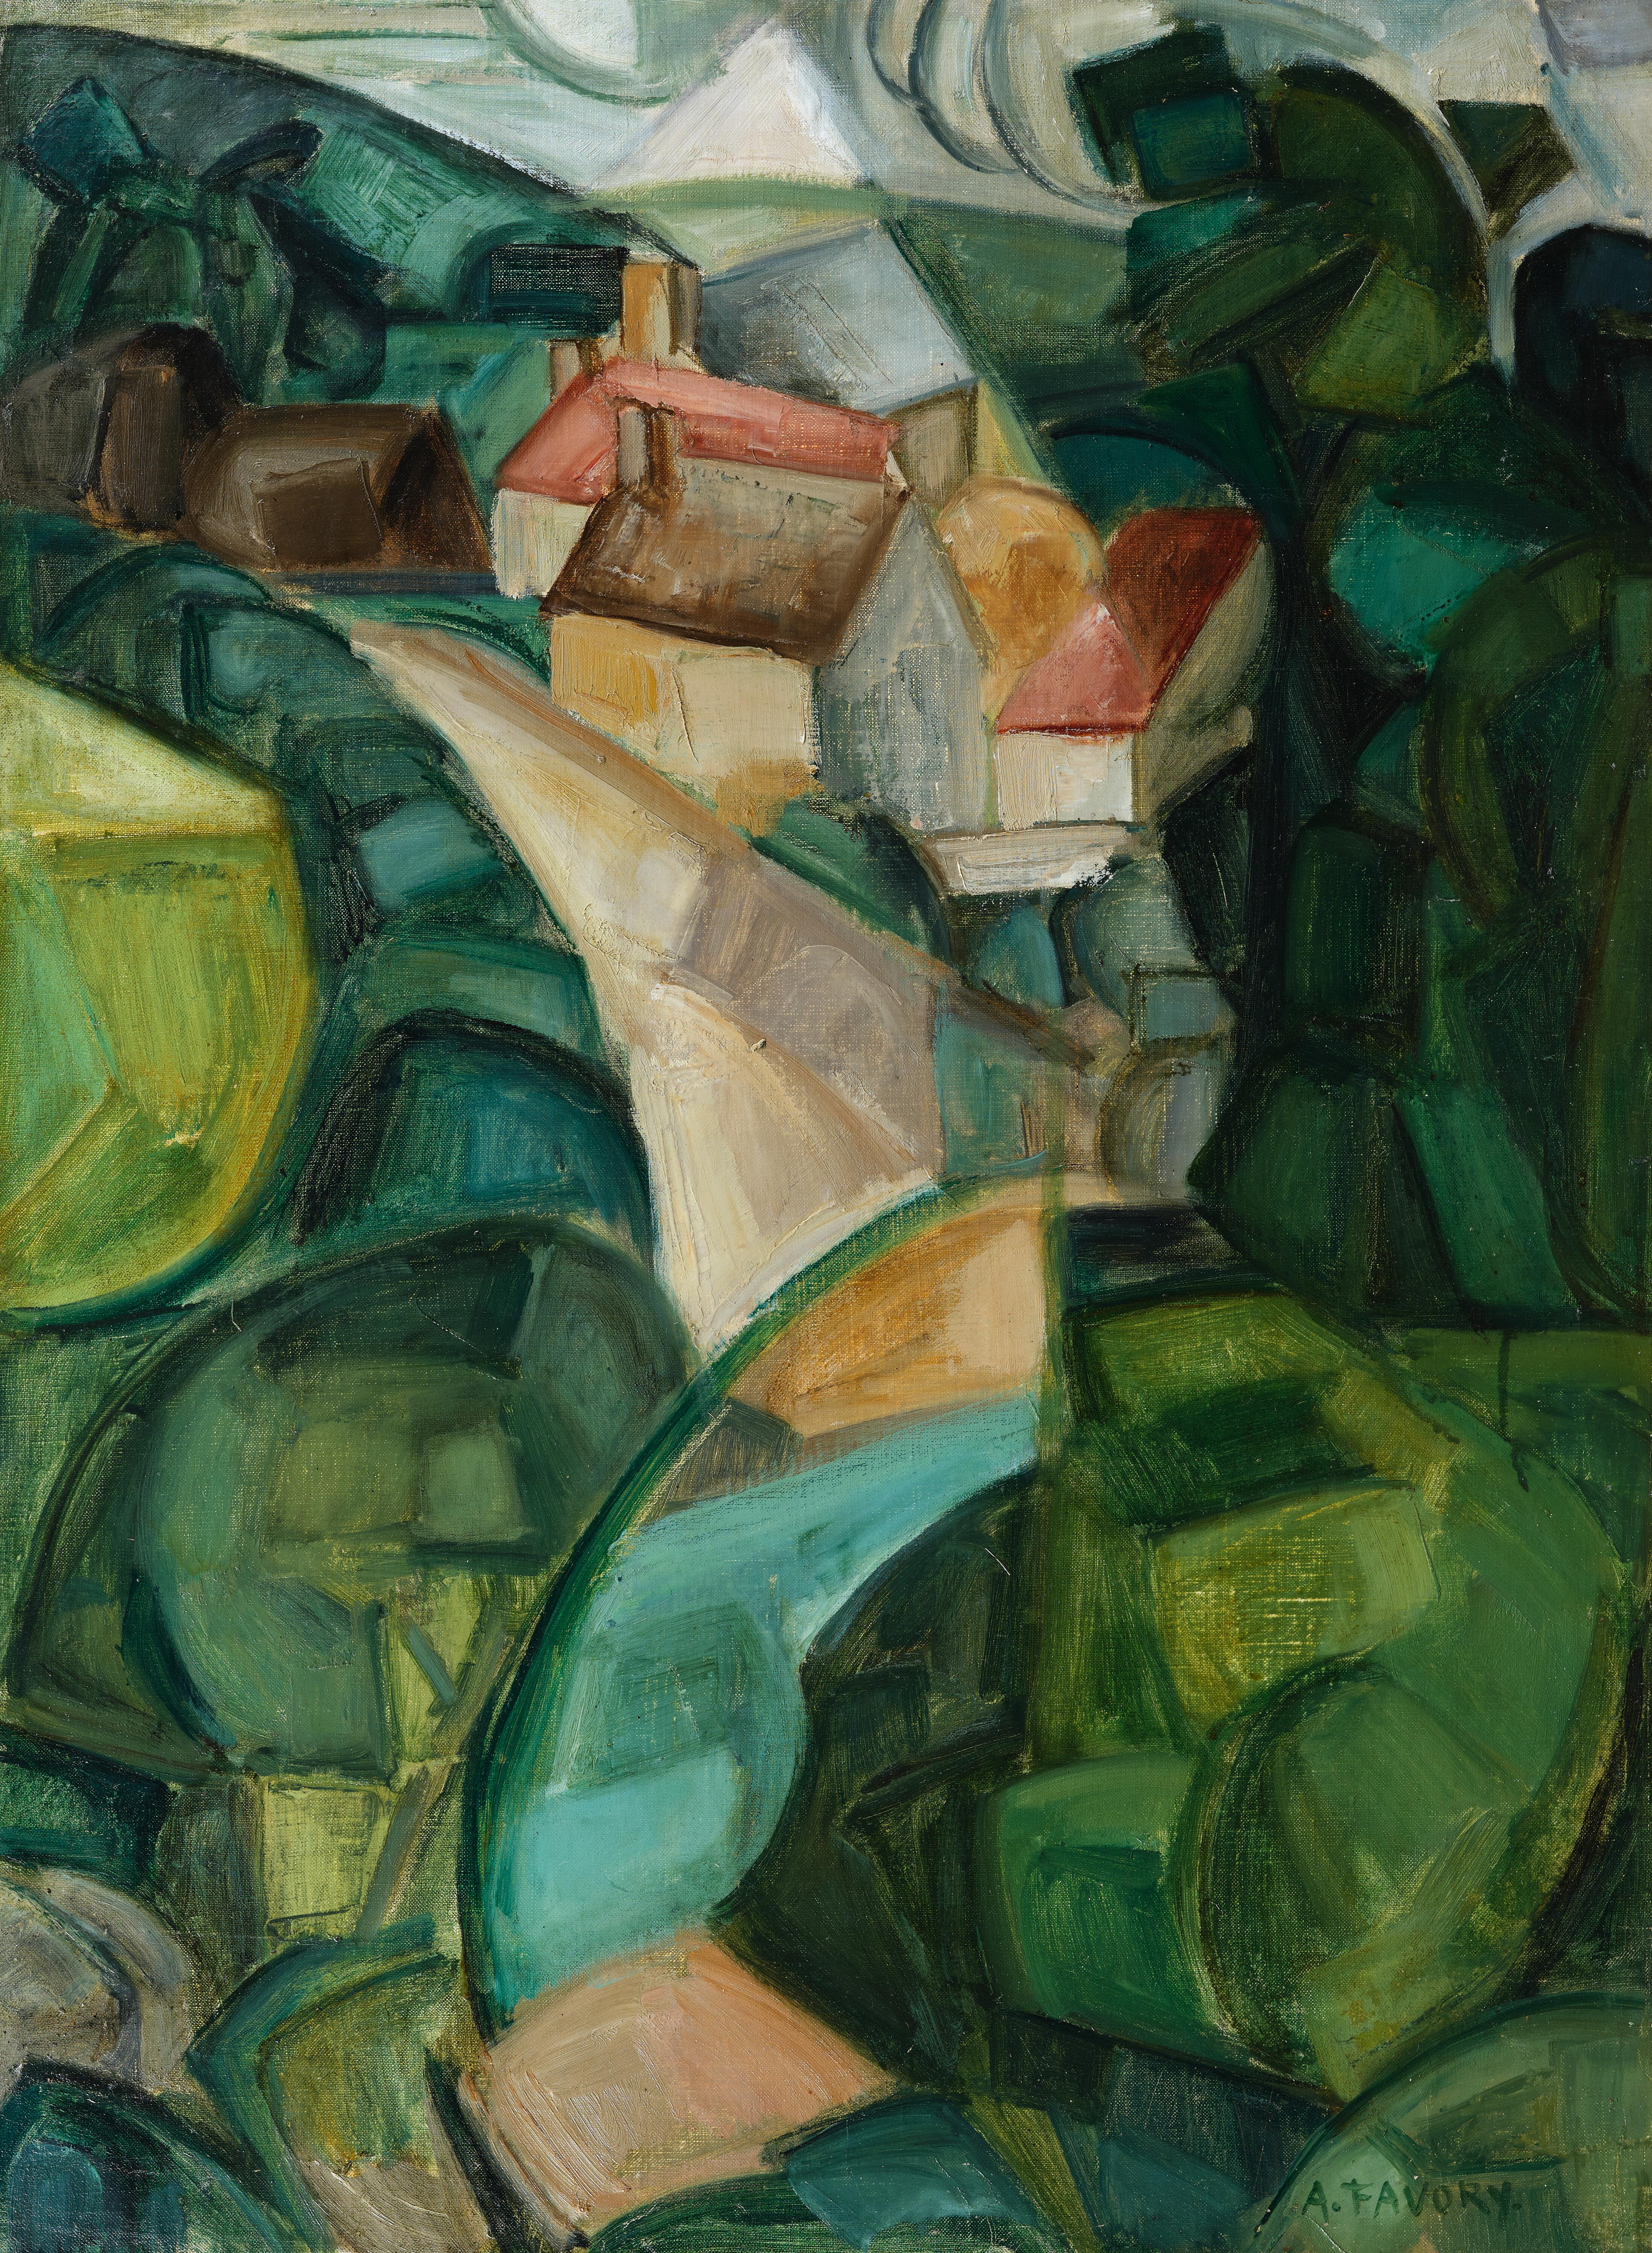 Village dans les arbres, paysage cubiste - tableau de André Favory, vendu par la galerie Marek & Sons